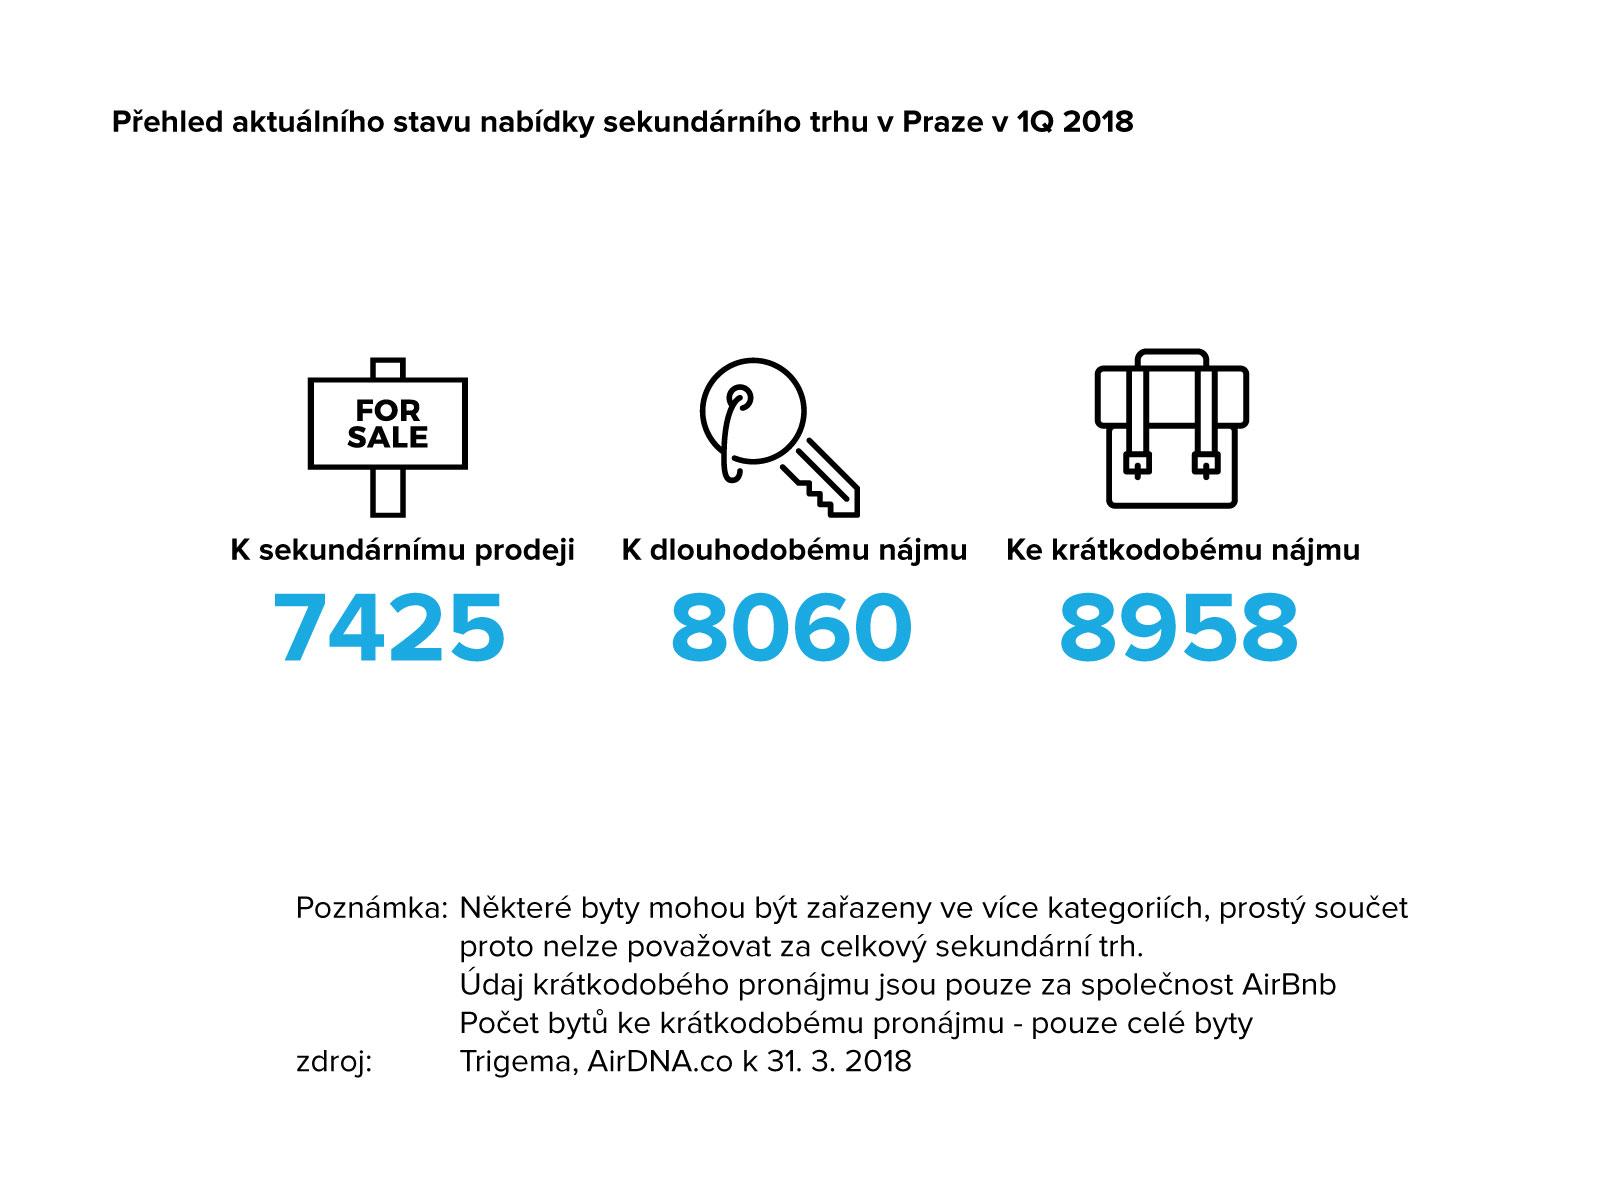 Přehled aktuální stavu nabídky sekundárního trhu v Praze v 1Q 2018